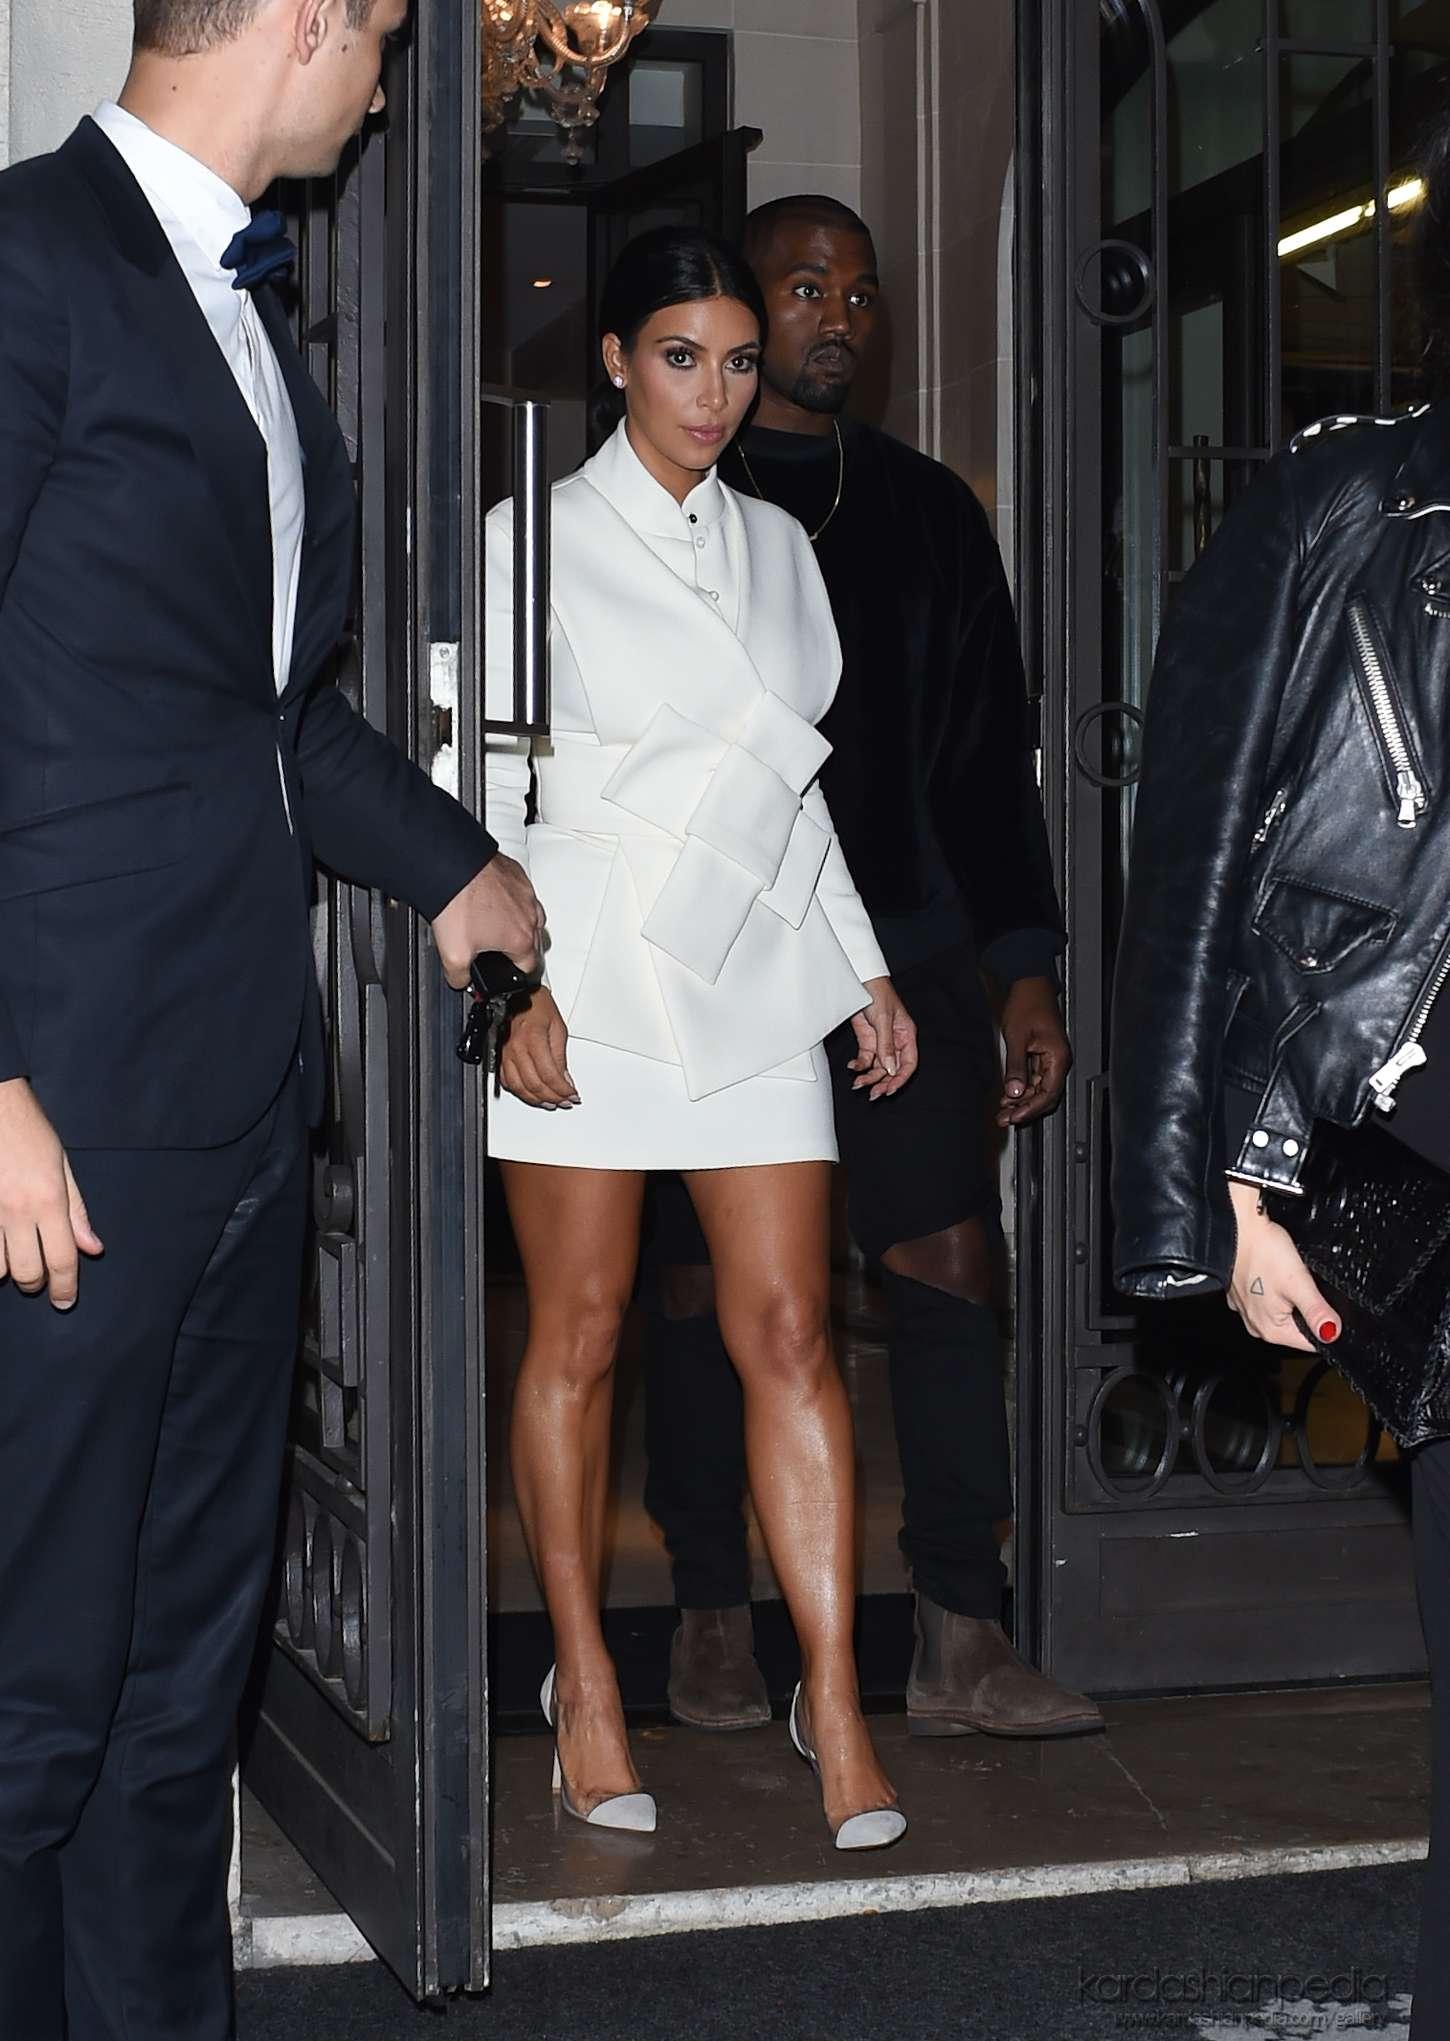 Kim Kardashian In White Dress At Paris Fashion Week 2014 17 Gotceleb